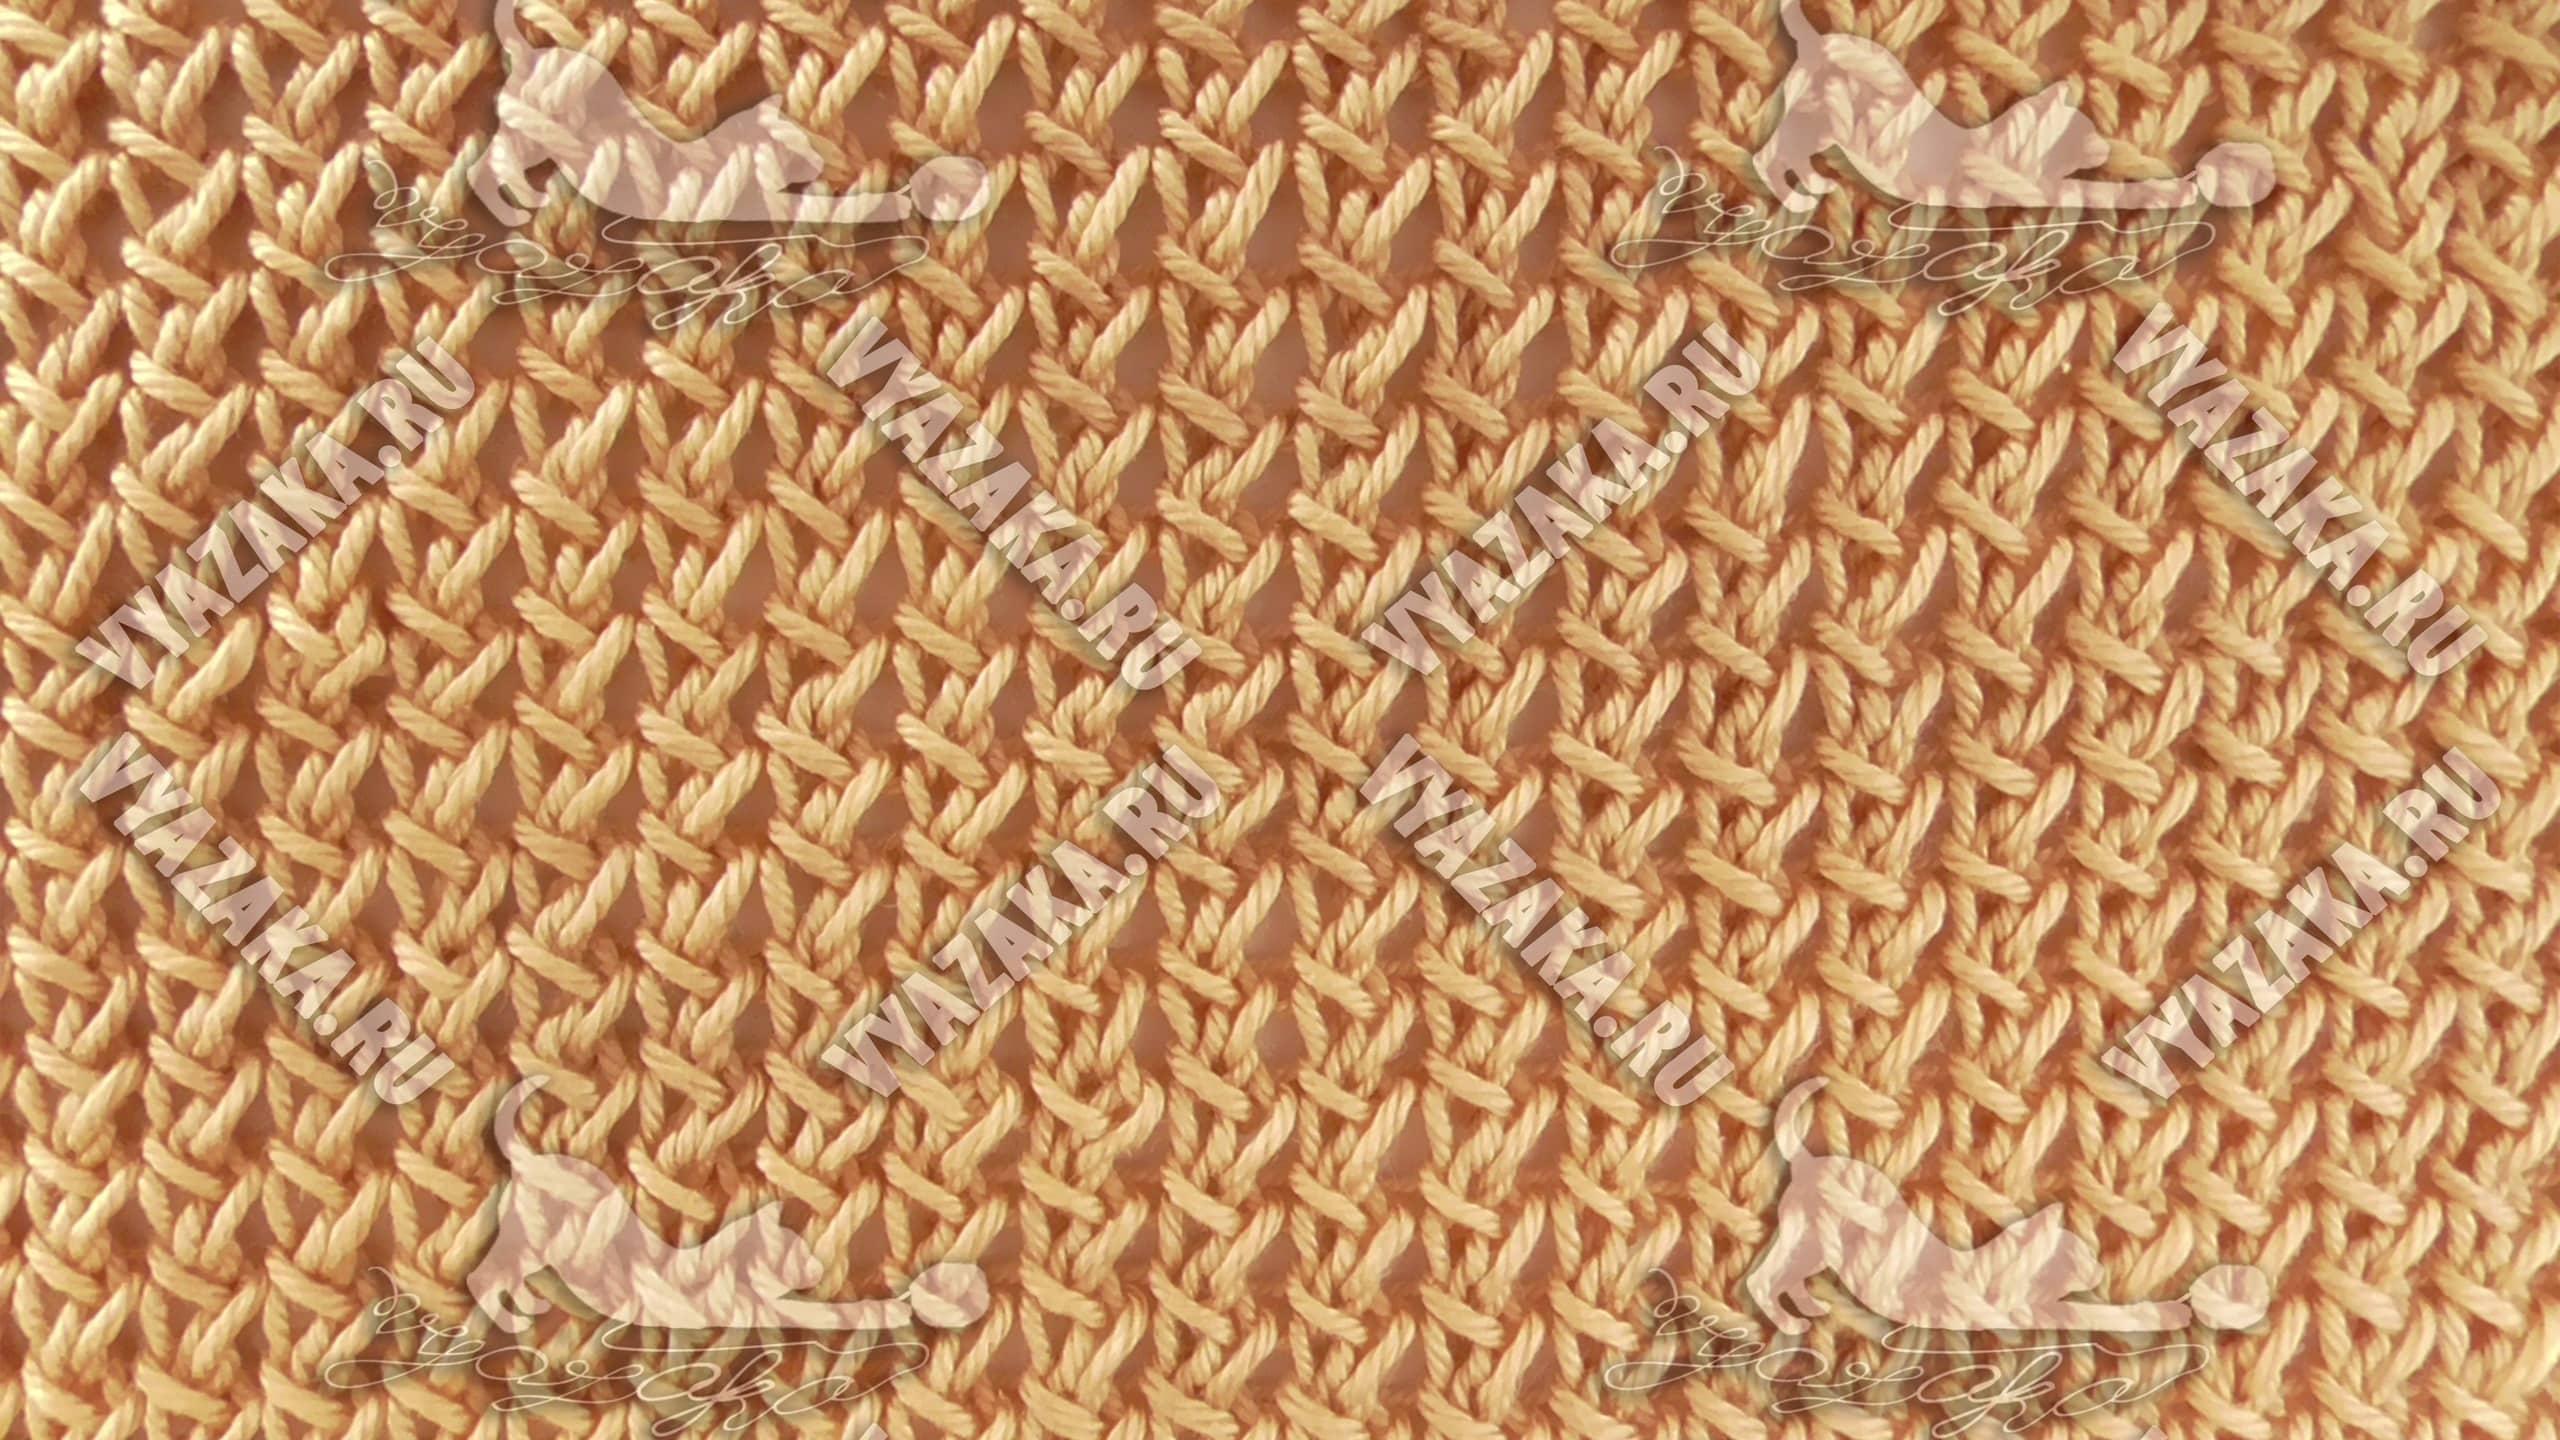 Узор «Ажурная плетёная сетка»